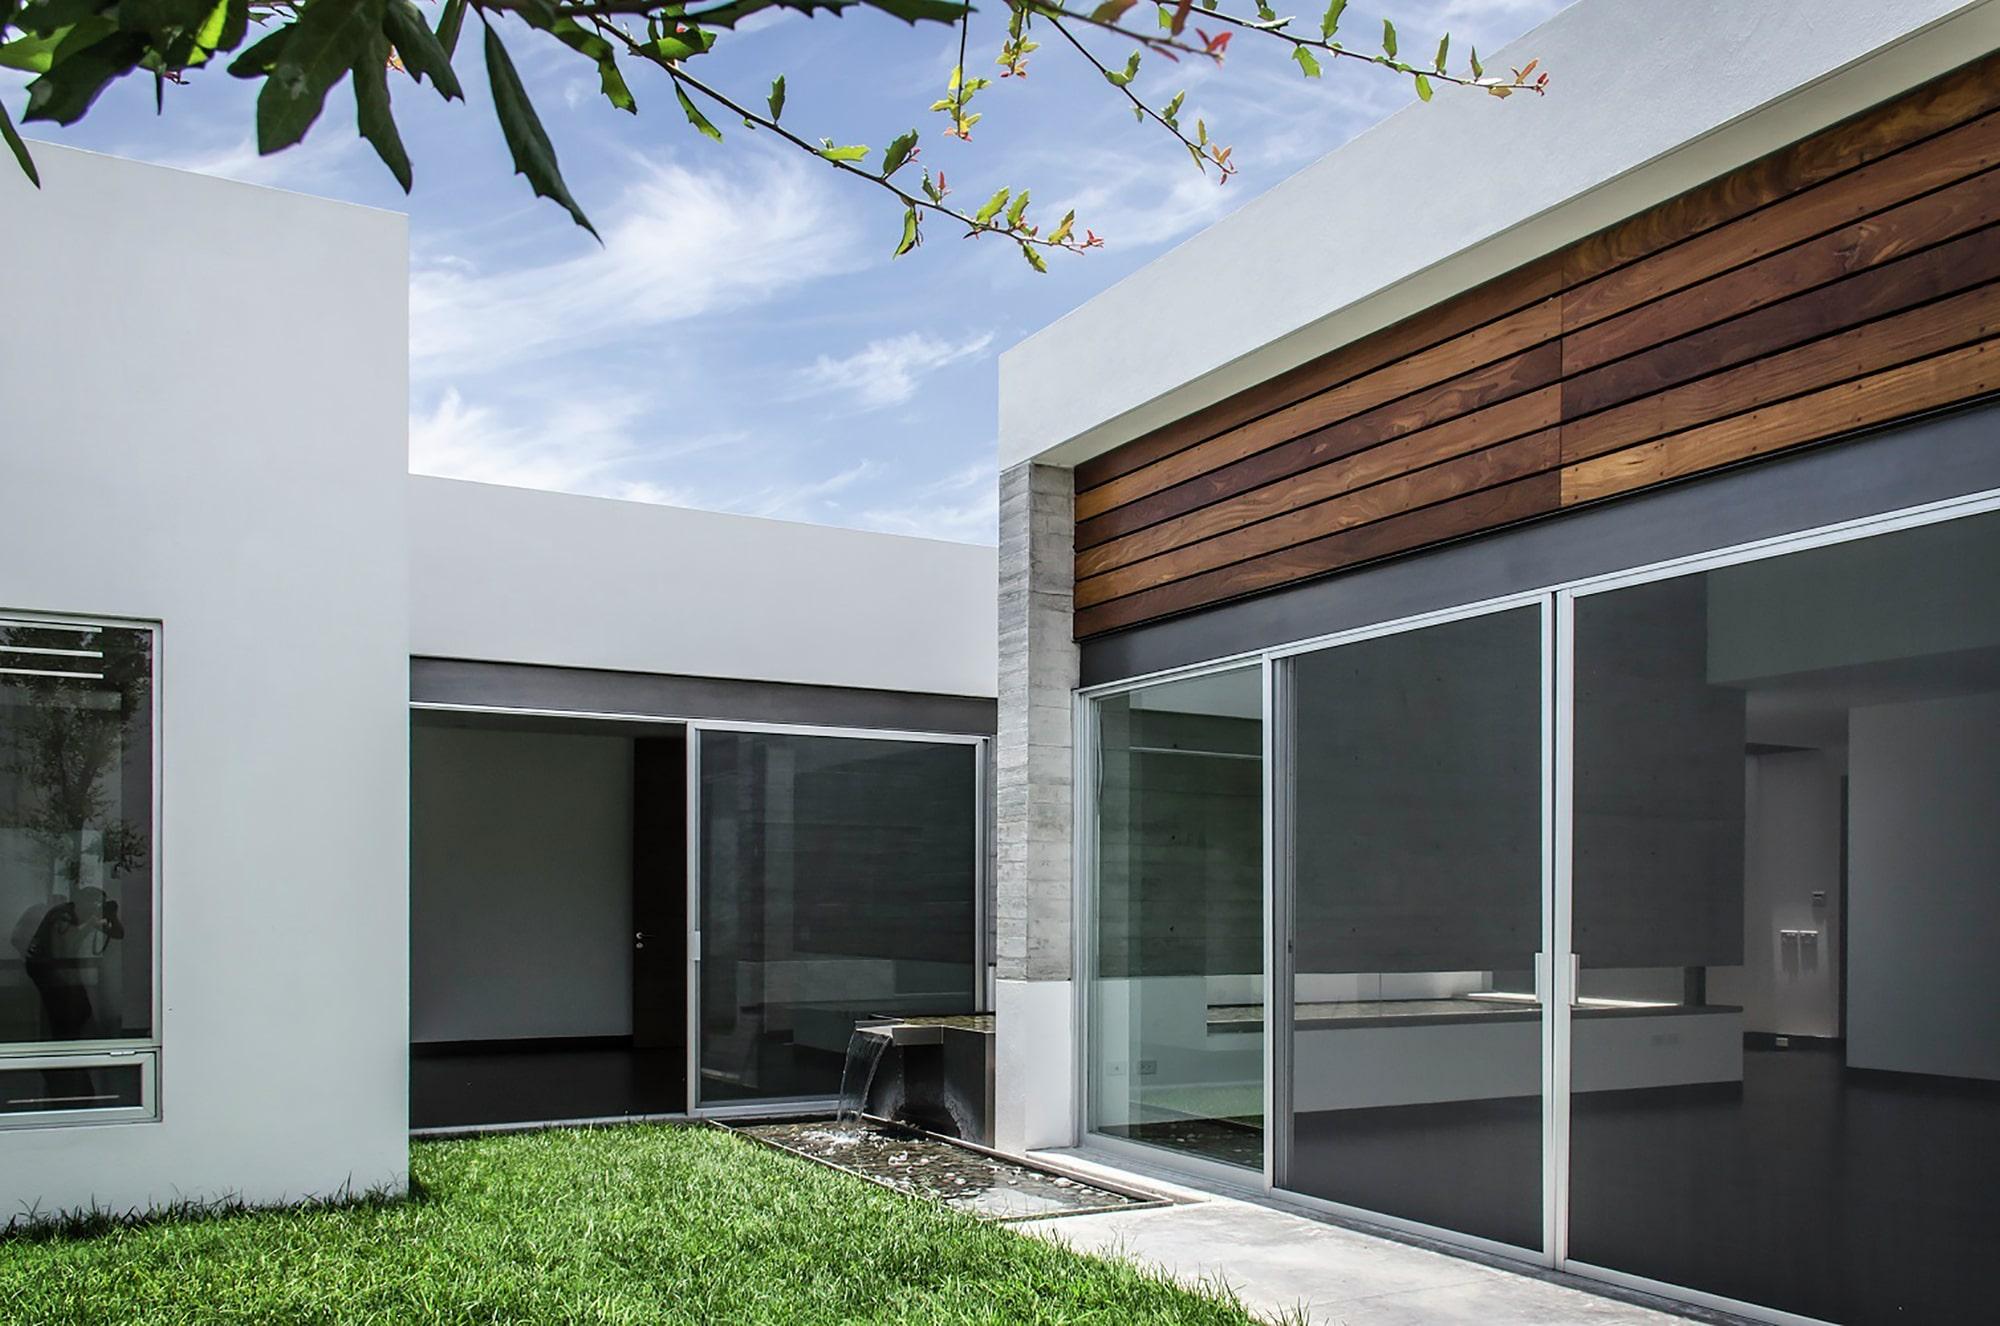 jardines y pasadizos exteriores grandes ventanas de casa moderna